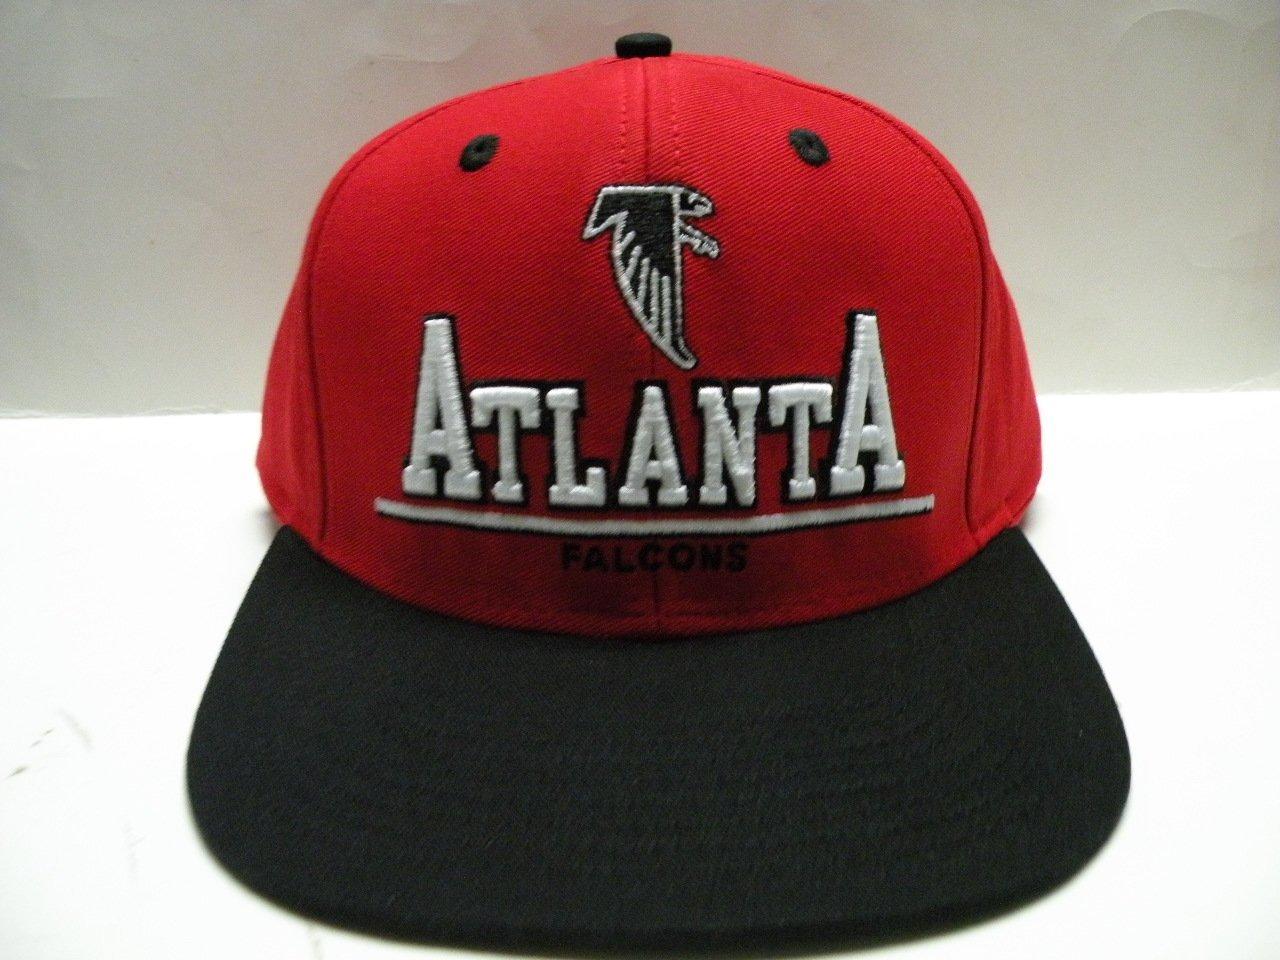 0f52cc802 Get Quotations · NFL Atlanta Falcons Bold Red Black 2 Tone Retro Snapback  Cap